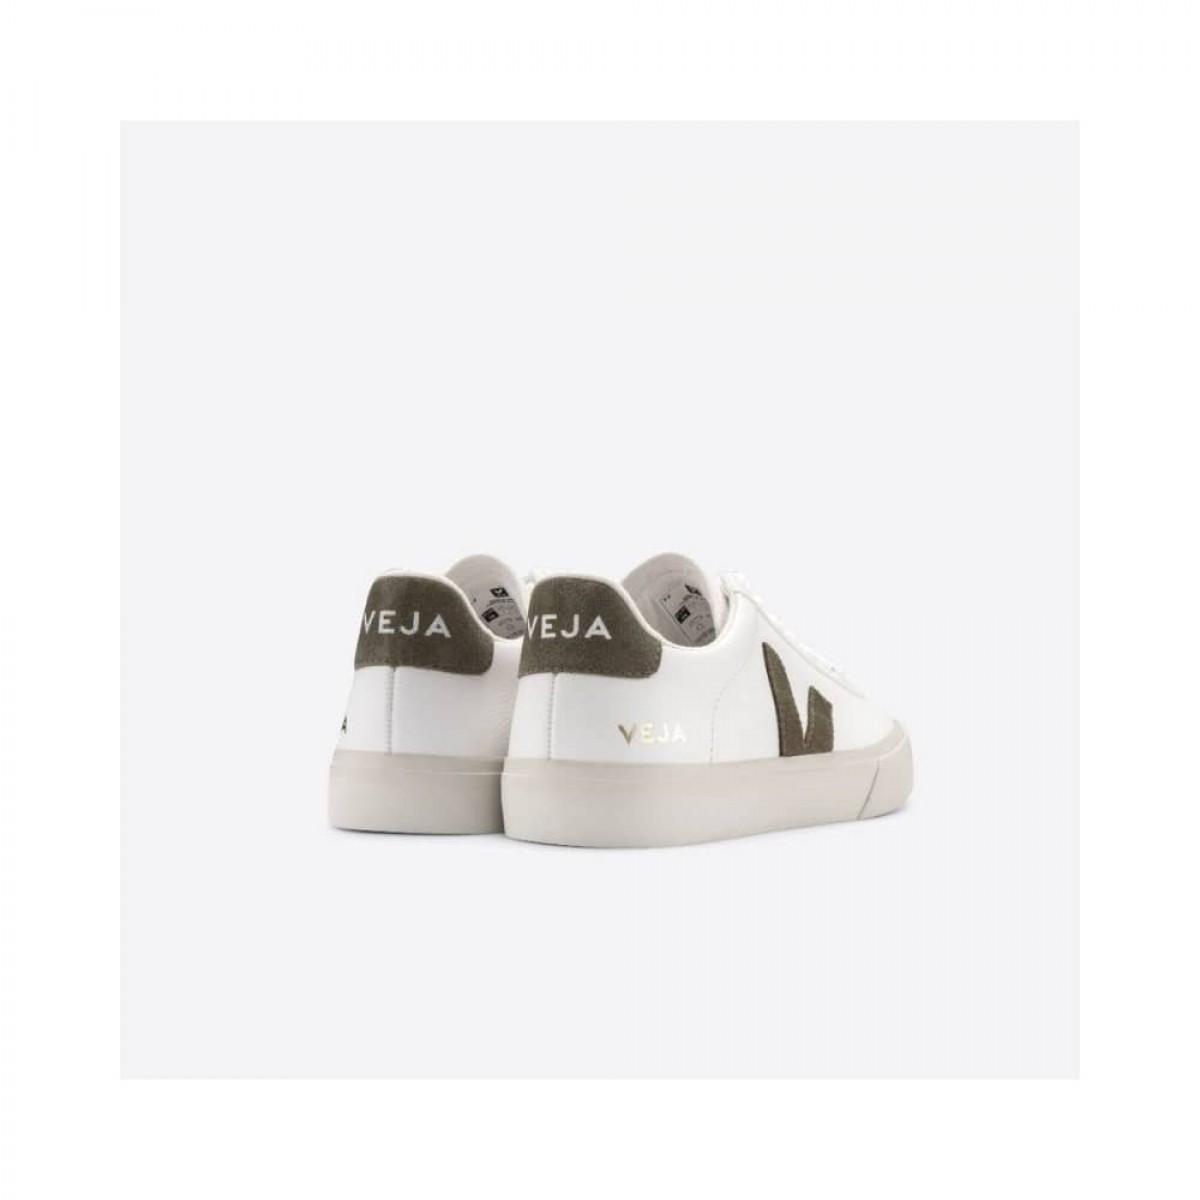 campo chromefree - extra white with kaki - bagfra